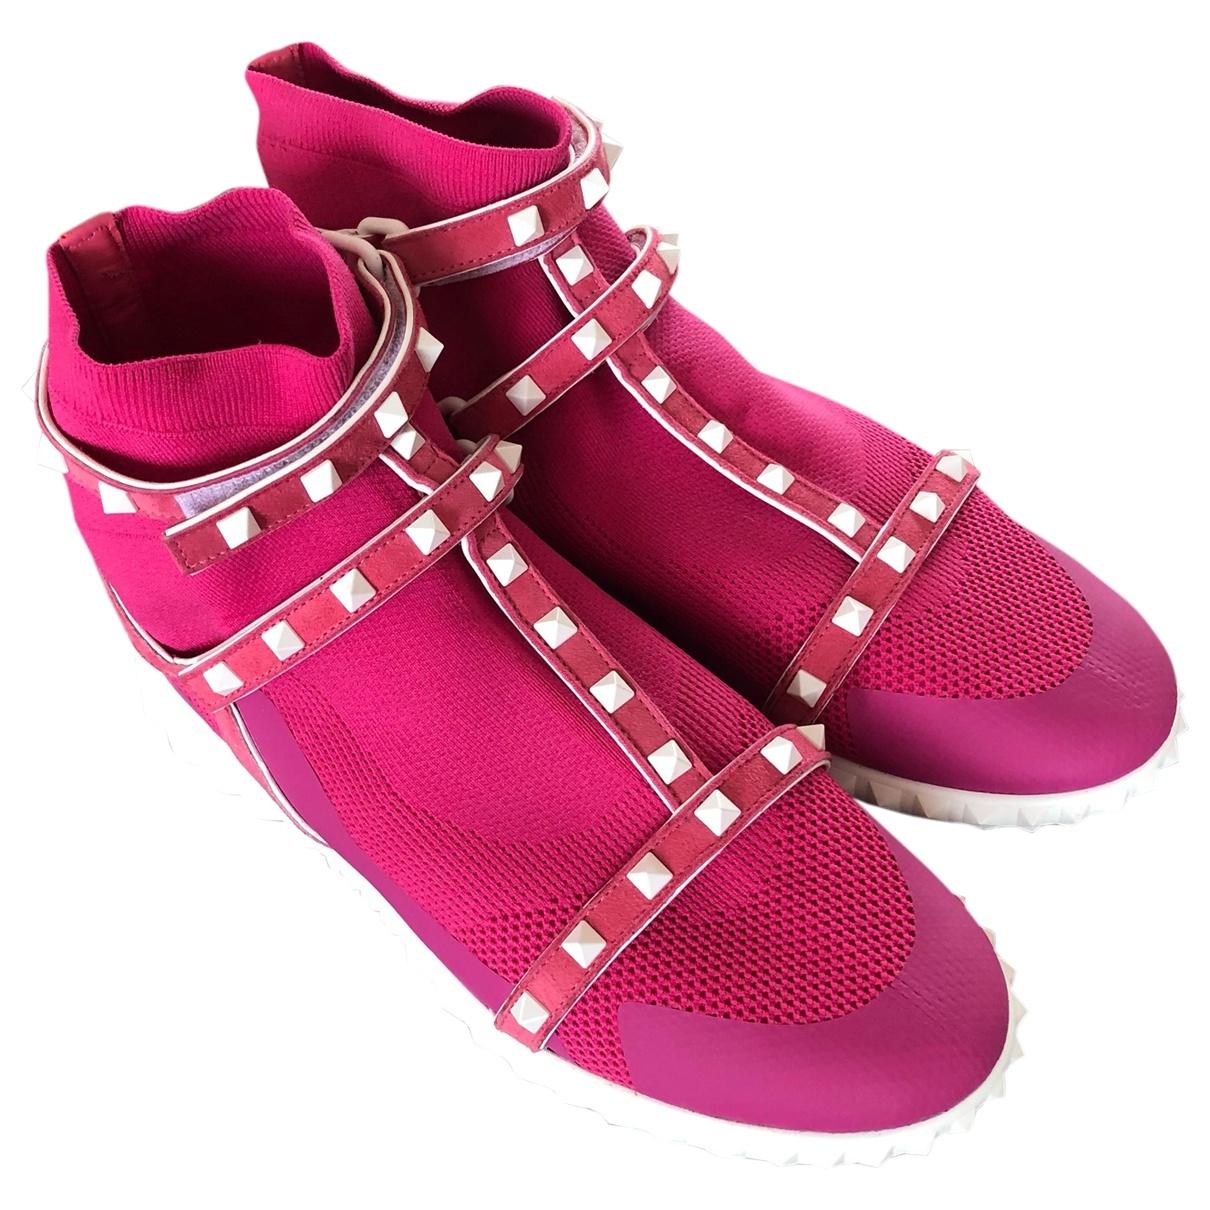 Valentino Garavani - Baskets Sneakers chaussettes VLTN  pour femme en toile - rose